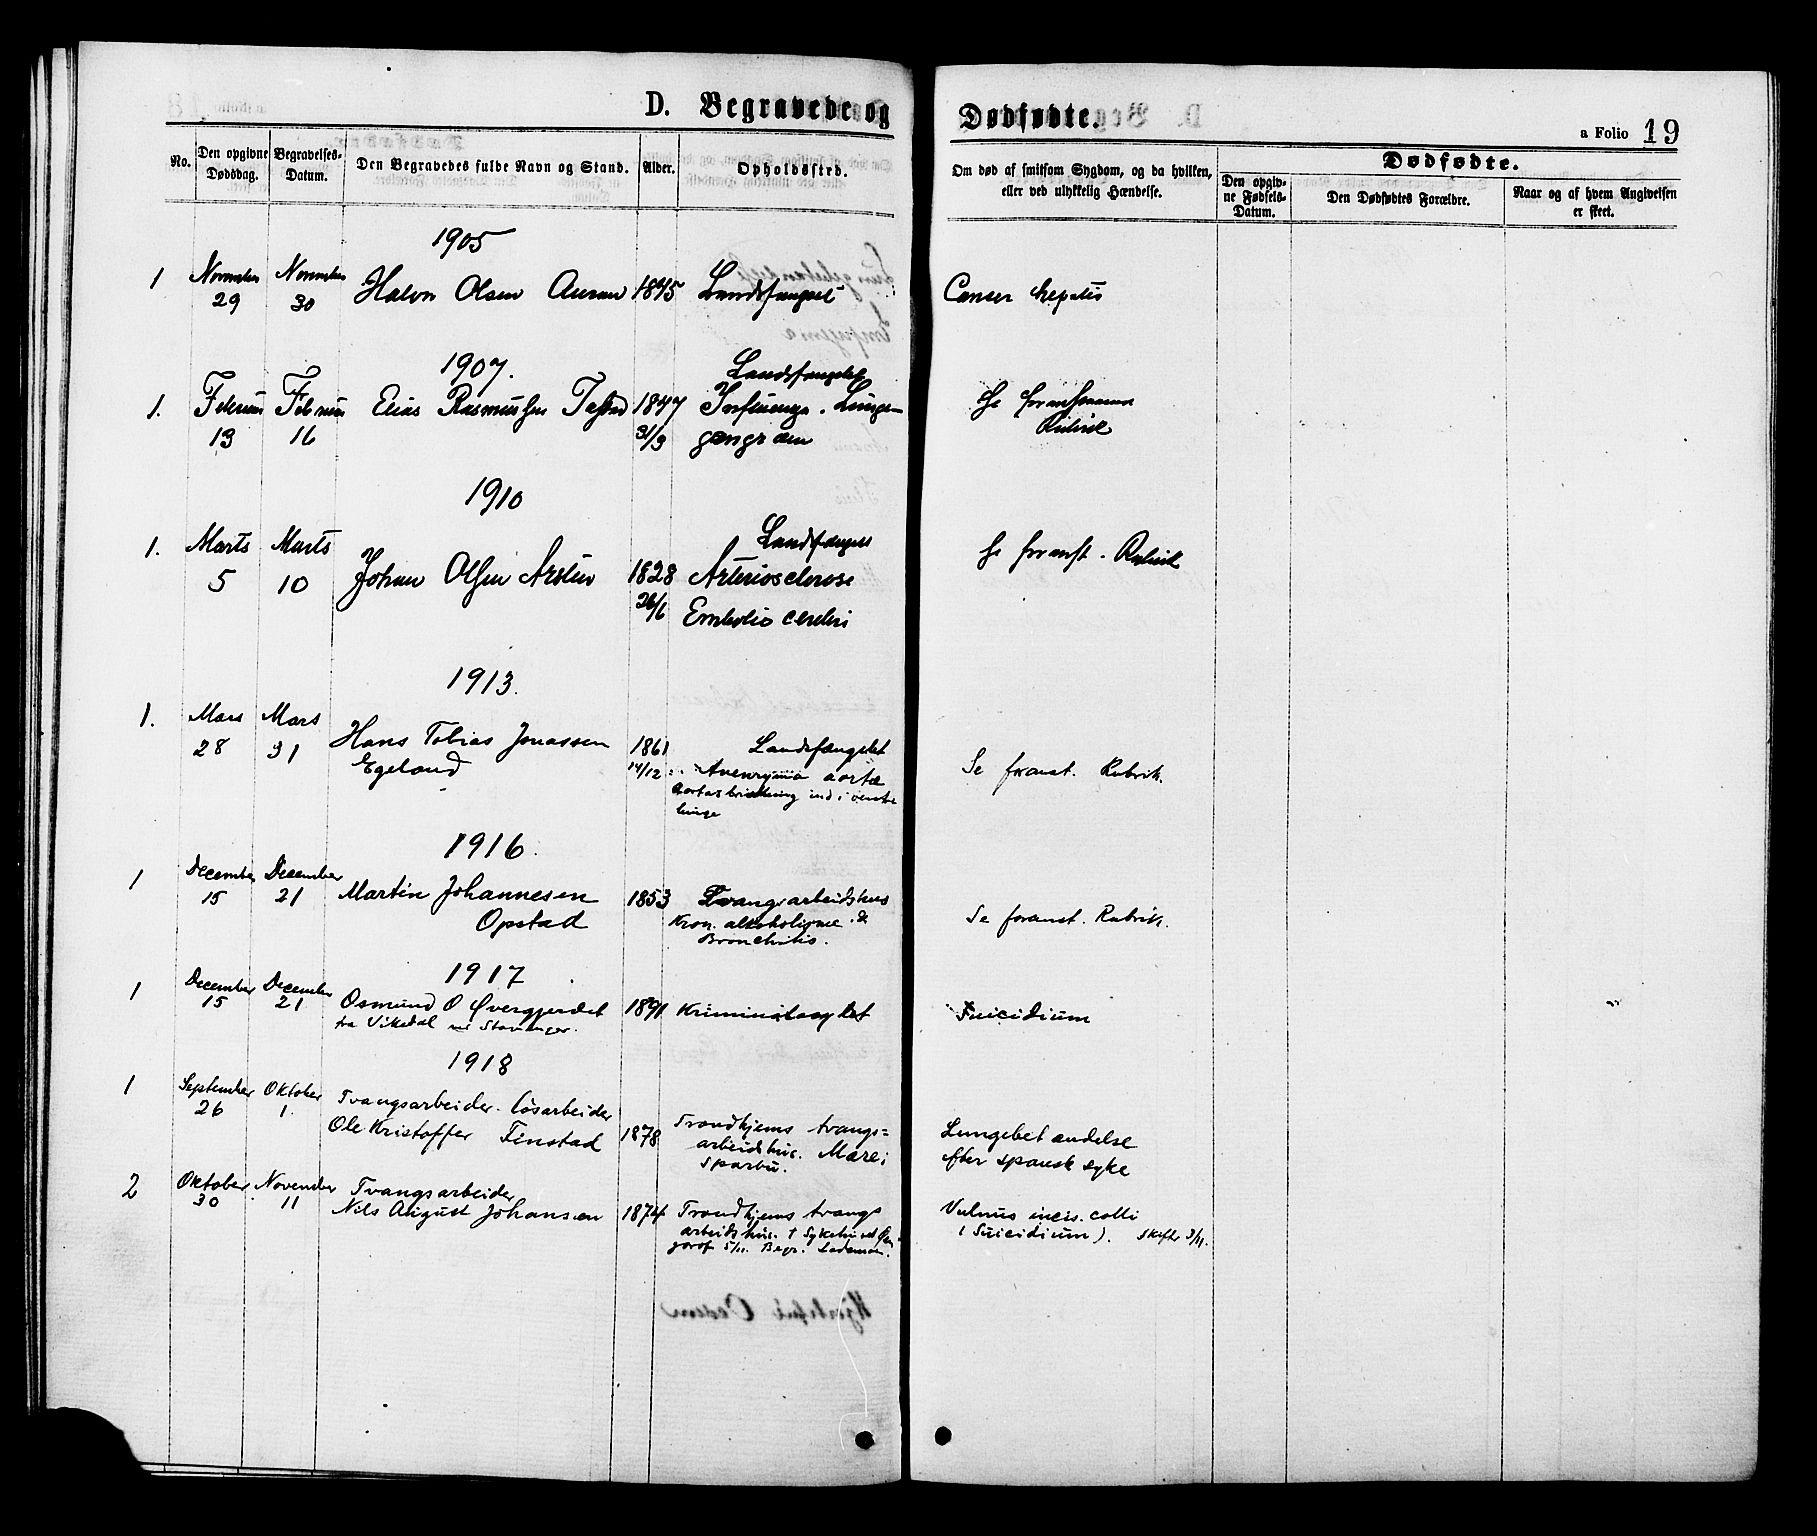 SAT, Ministerialprotokoller, klokkerbøker og fødselsregistre - Sør-Trøndelag, 624/L0482: Ministerialbok nr. 624A03, 1870-1918, s. 19